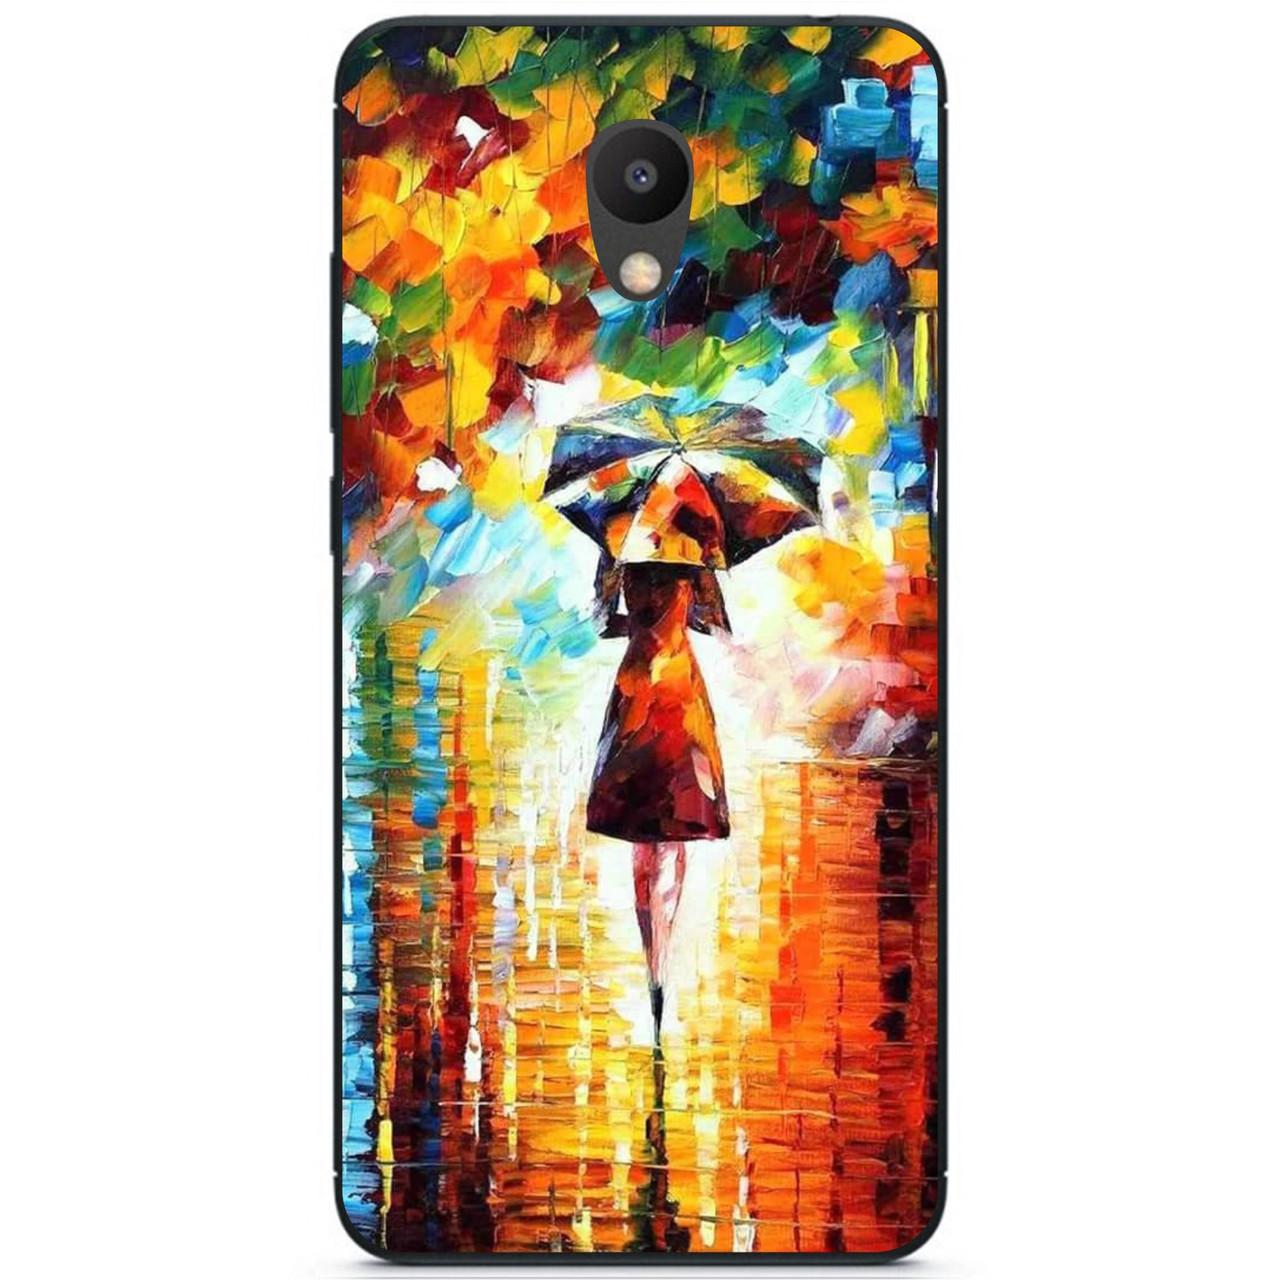 Силиконовый бампер чехол для Meizu M6s с рисунком Под зонтом